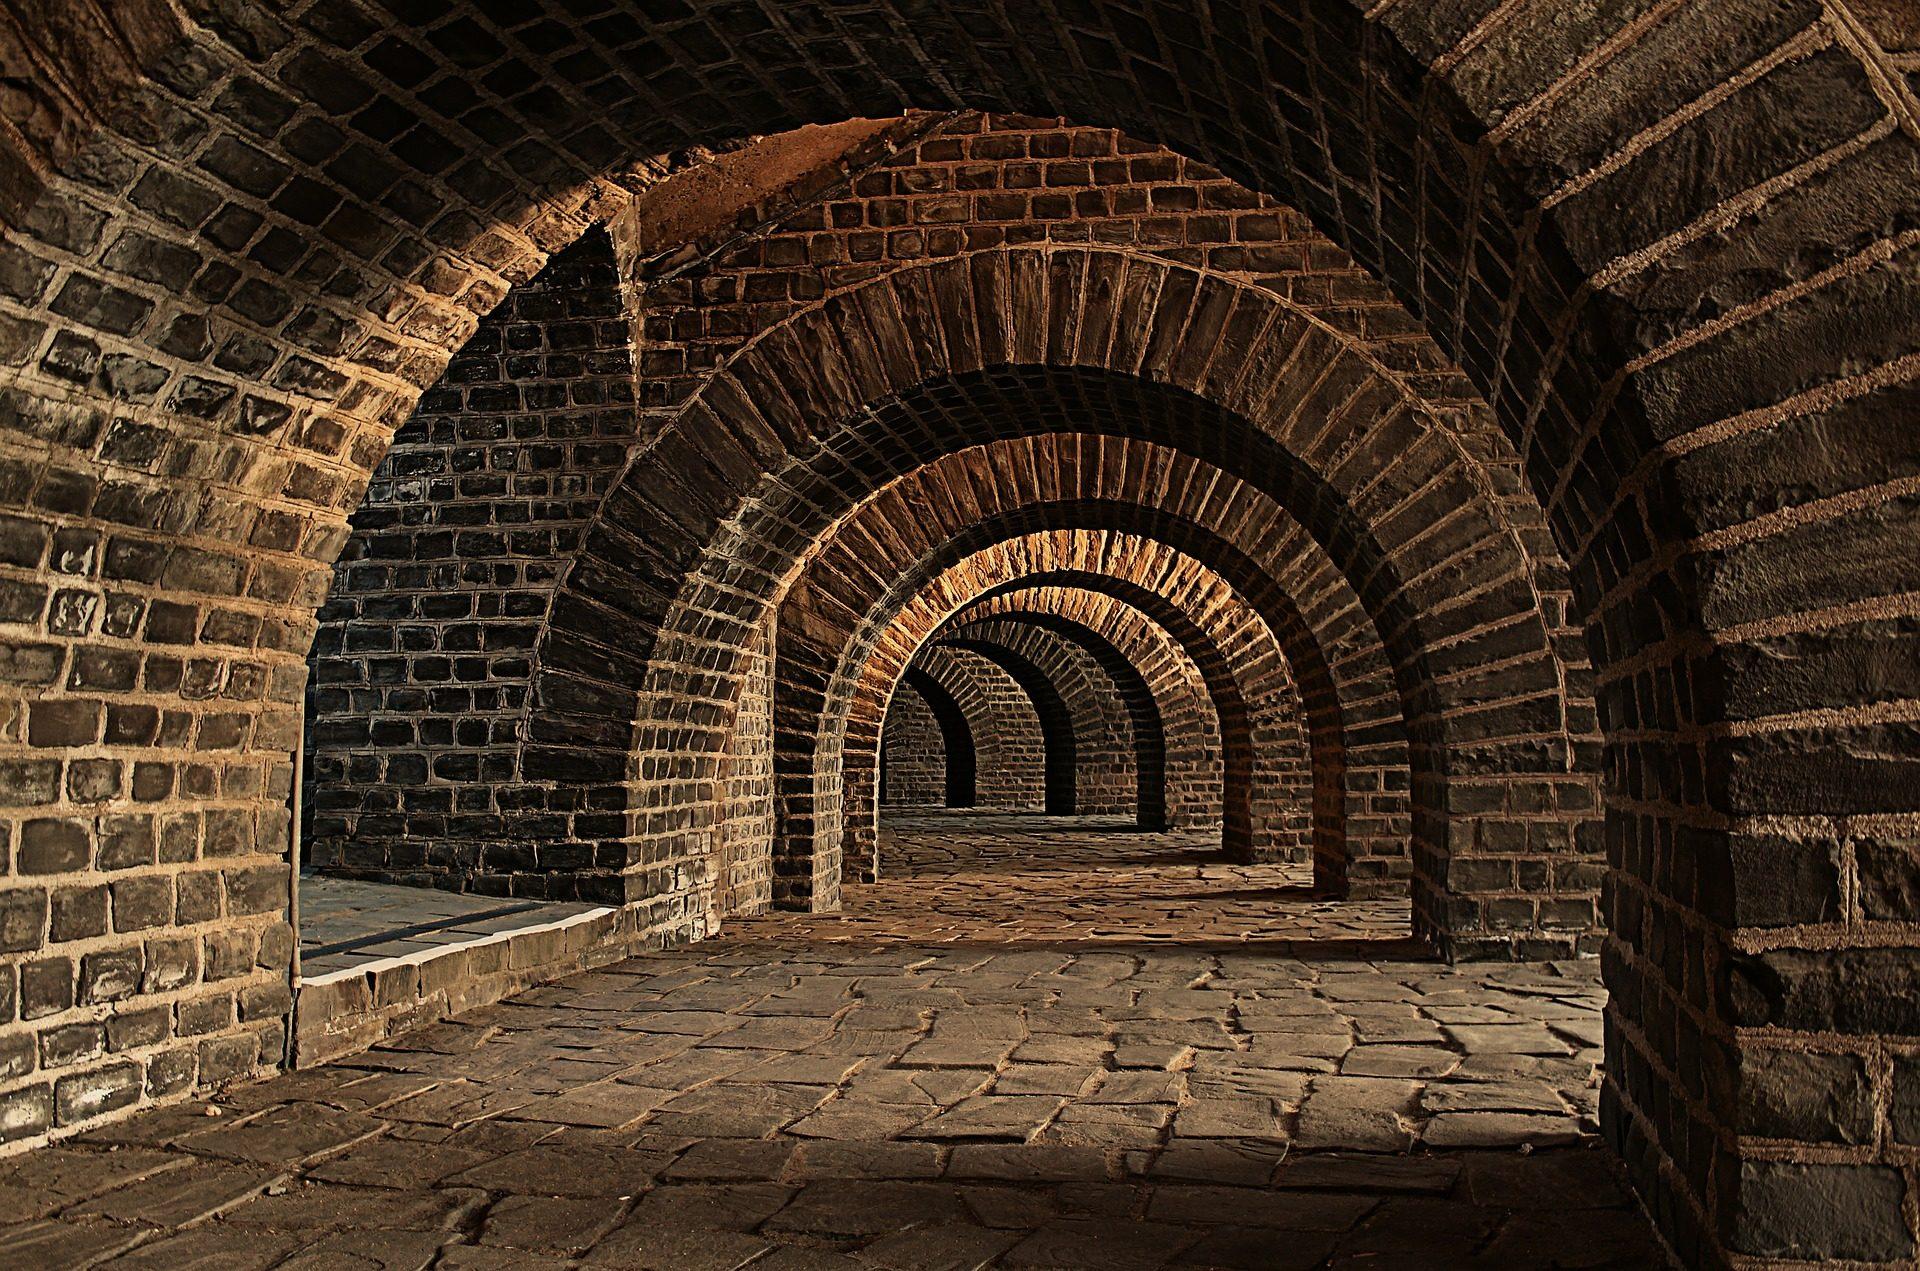 υπόγειους θαλάμους, σήραγγα, Arcos, τούβλα, Keller - Wallpapers HD - Professor-falken.com